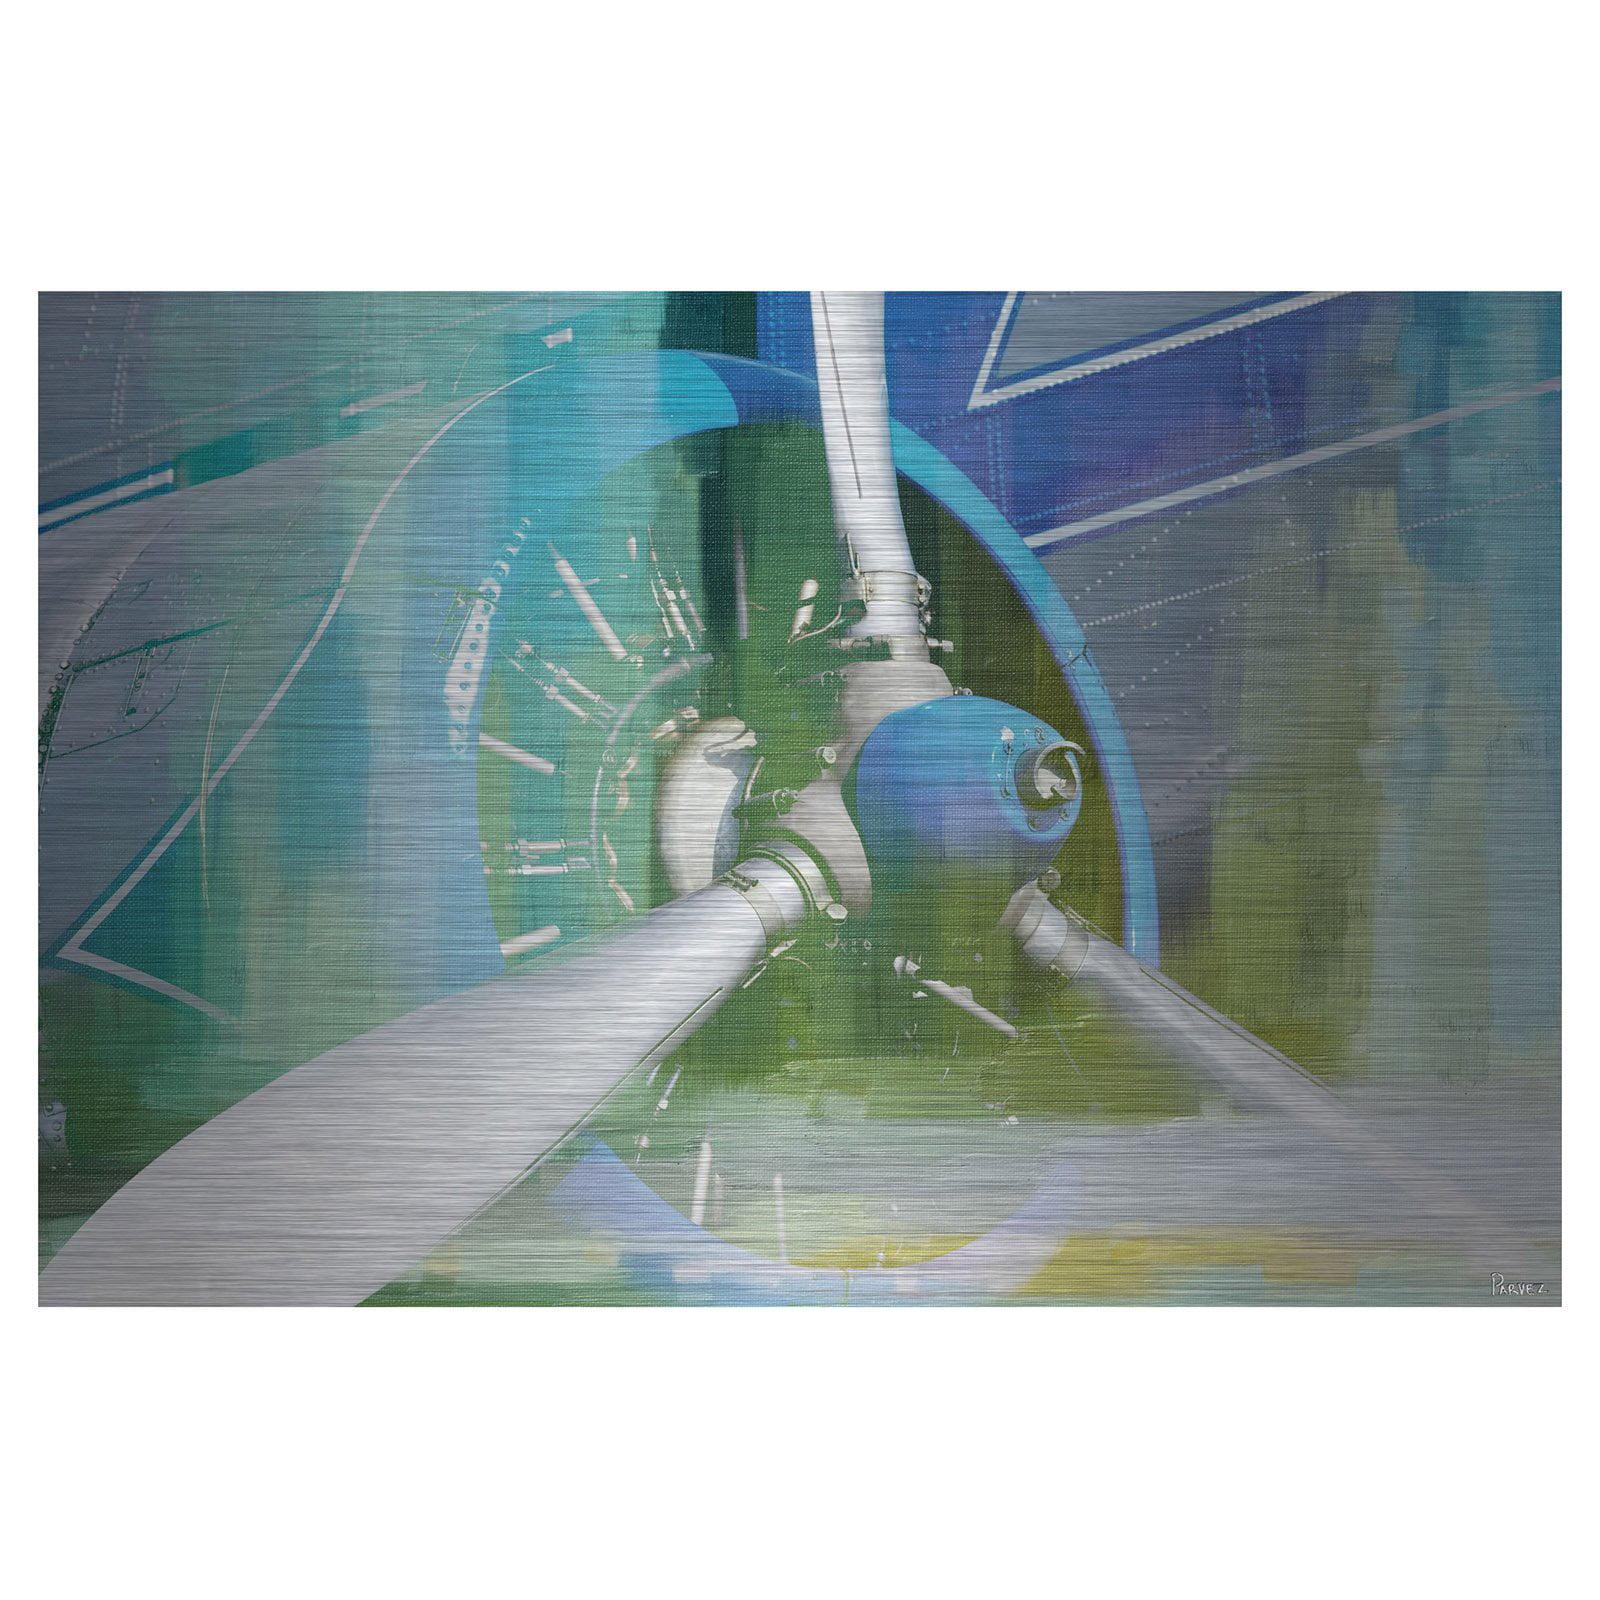 Parvez Taj Blades Painting Print on Aluminum